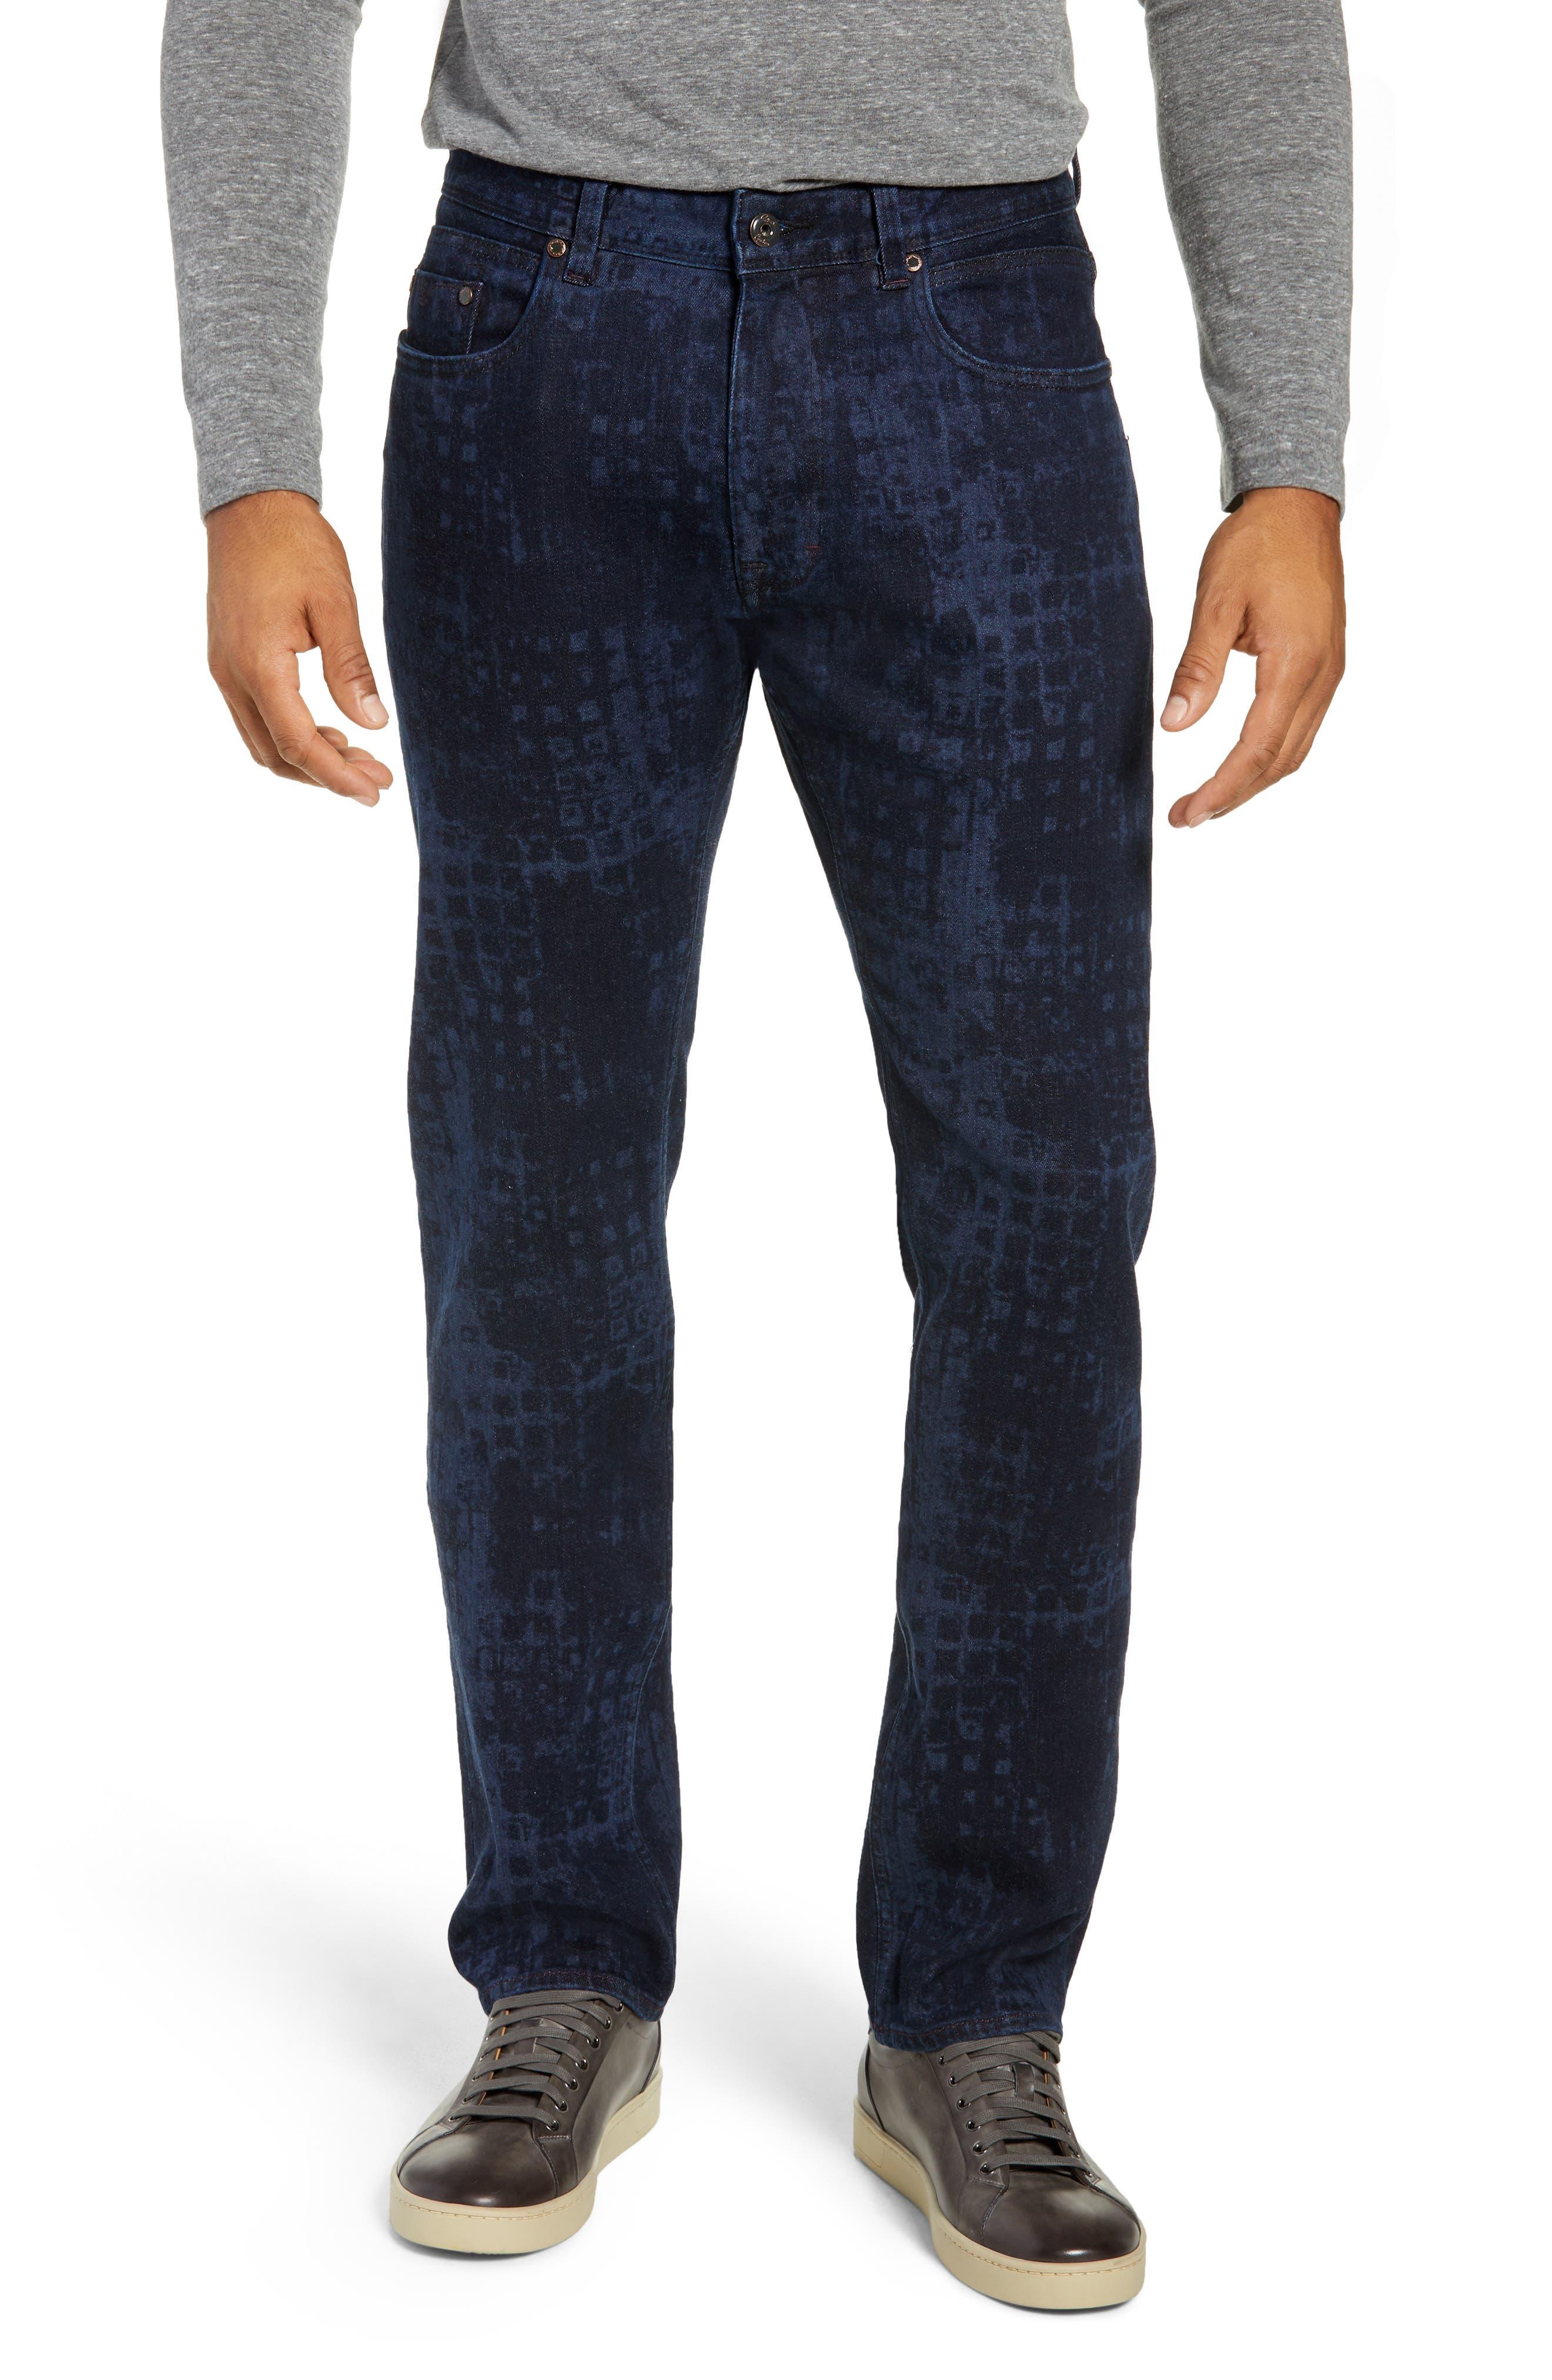 Chilcott Classic Fit Jeans,                             Main thumbnail 1, color,                             INDIGO